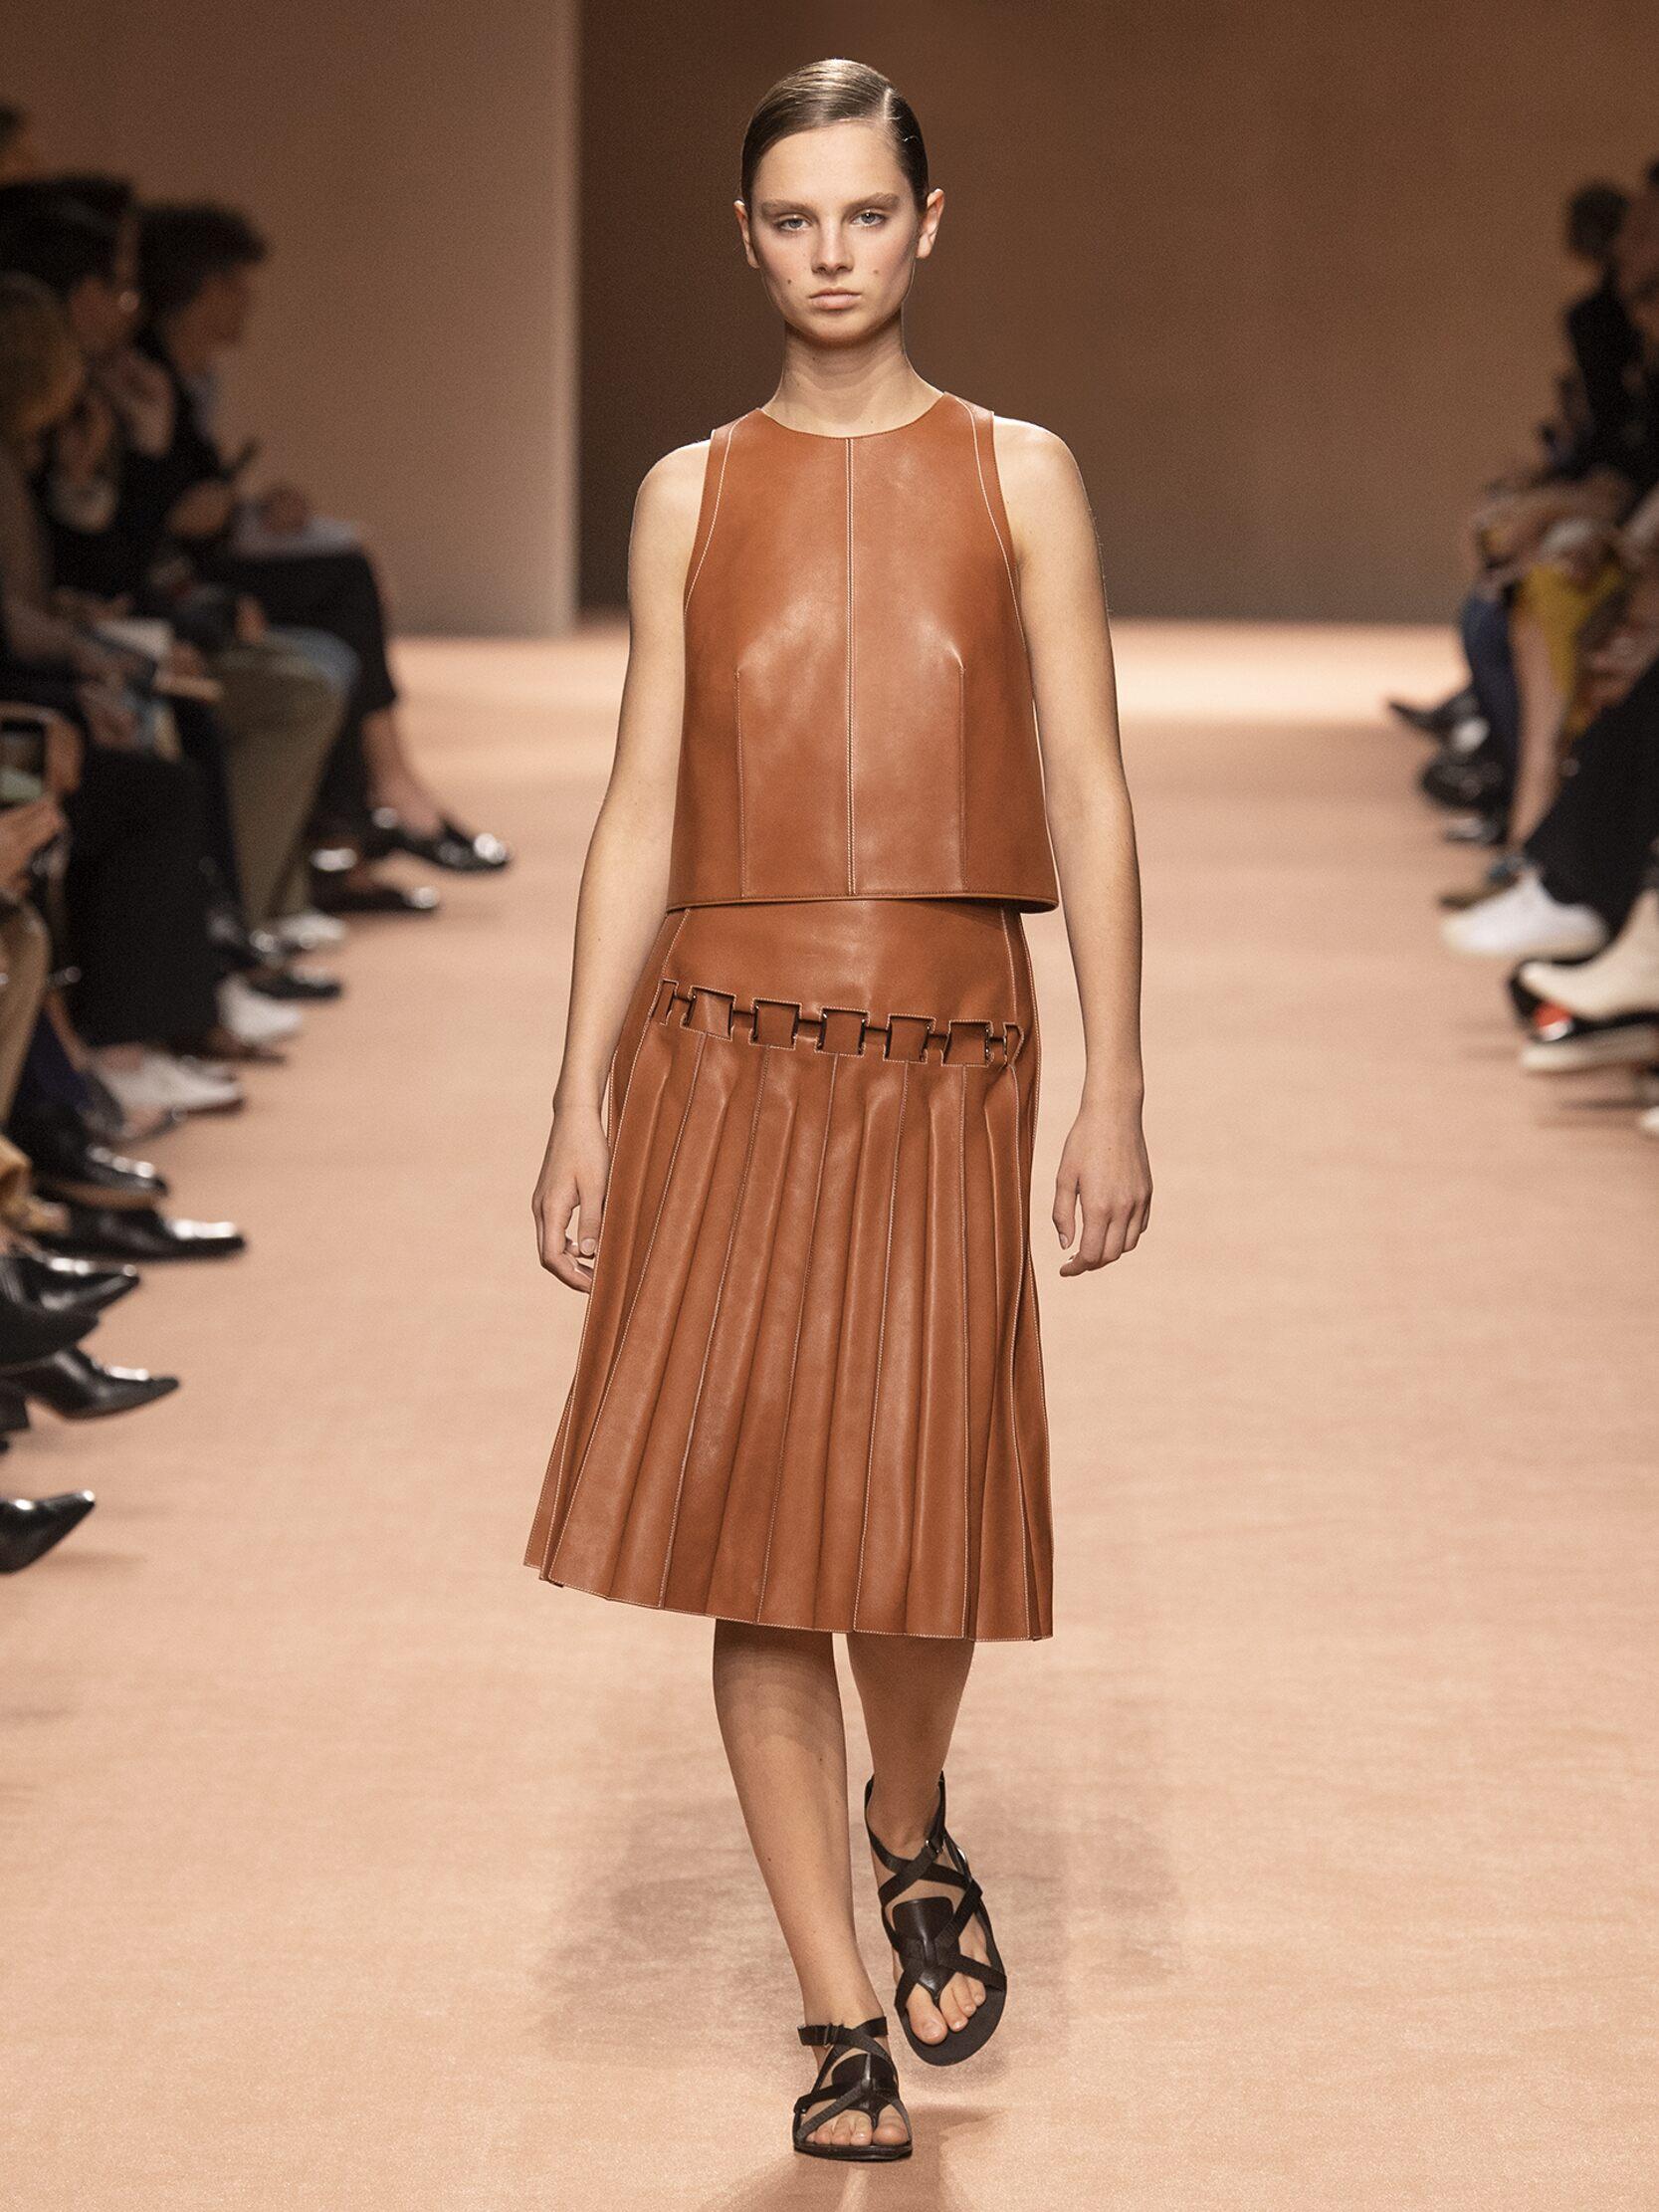 Fashion Model Woman Hermès Catwalk